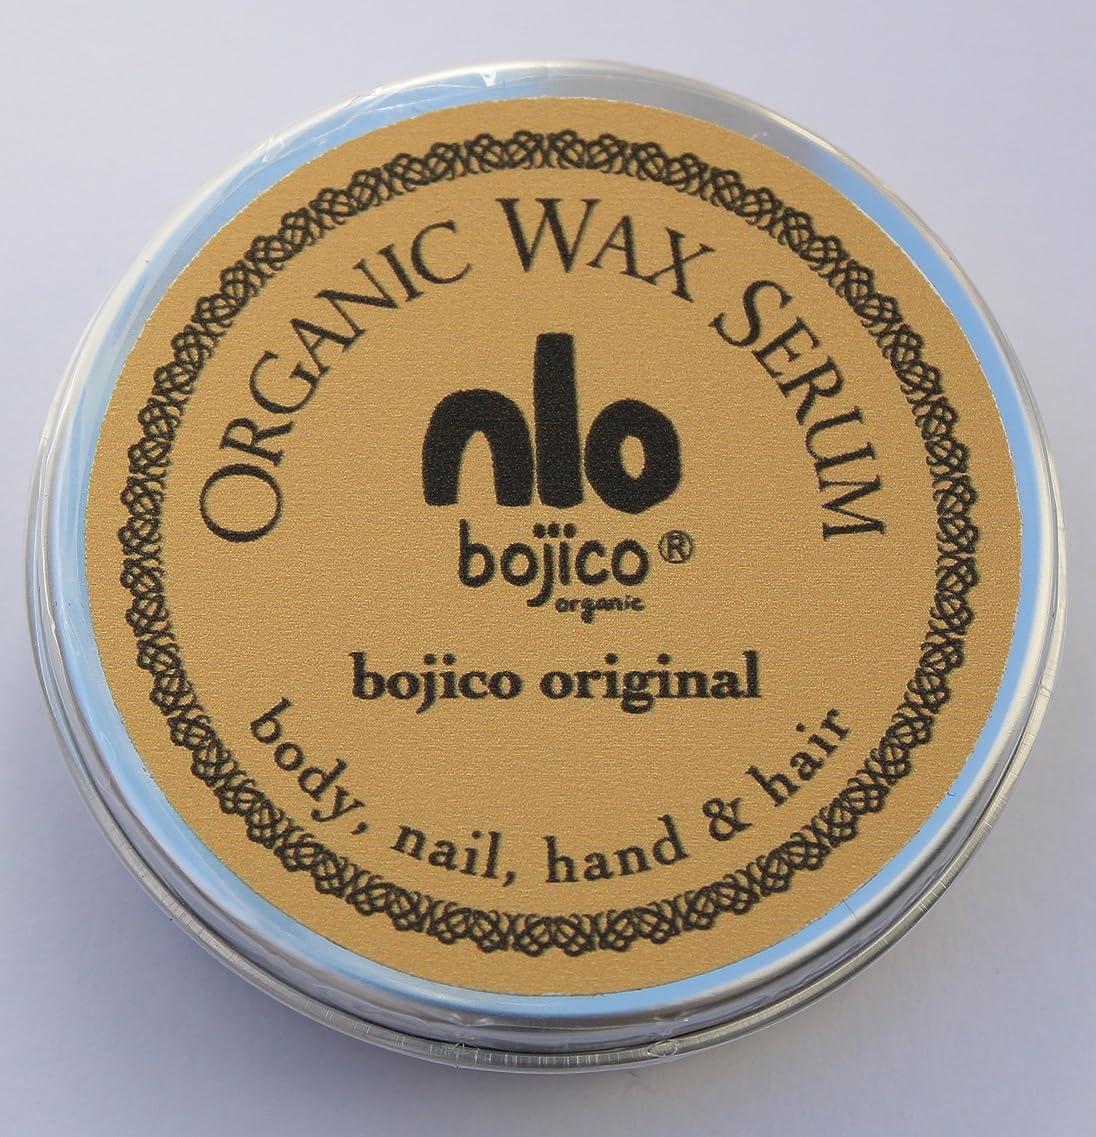 異邦人服を片付ける微視的bojico オーガニック ワックス セラム<オリジナル> Organic Wax Serum 40g